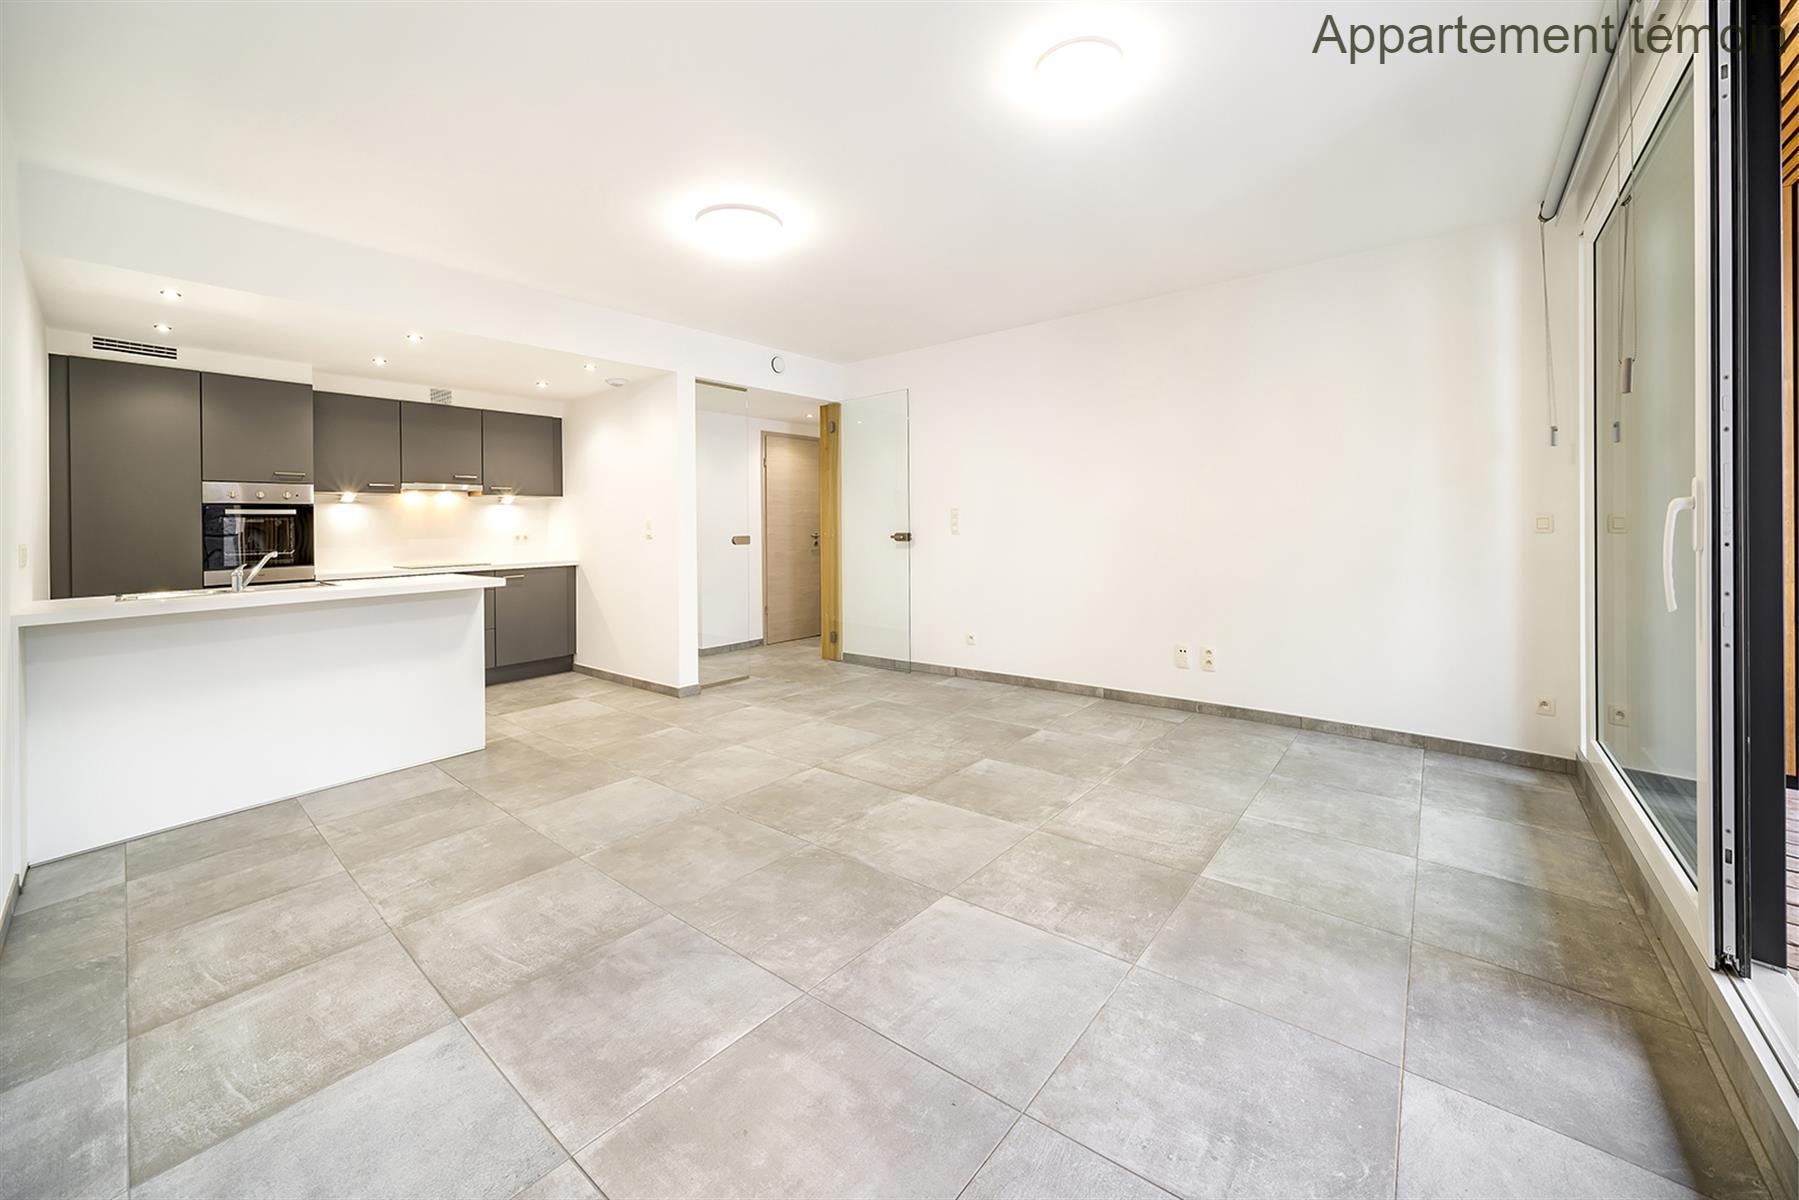 Appartement - Hannut - #3730193-11